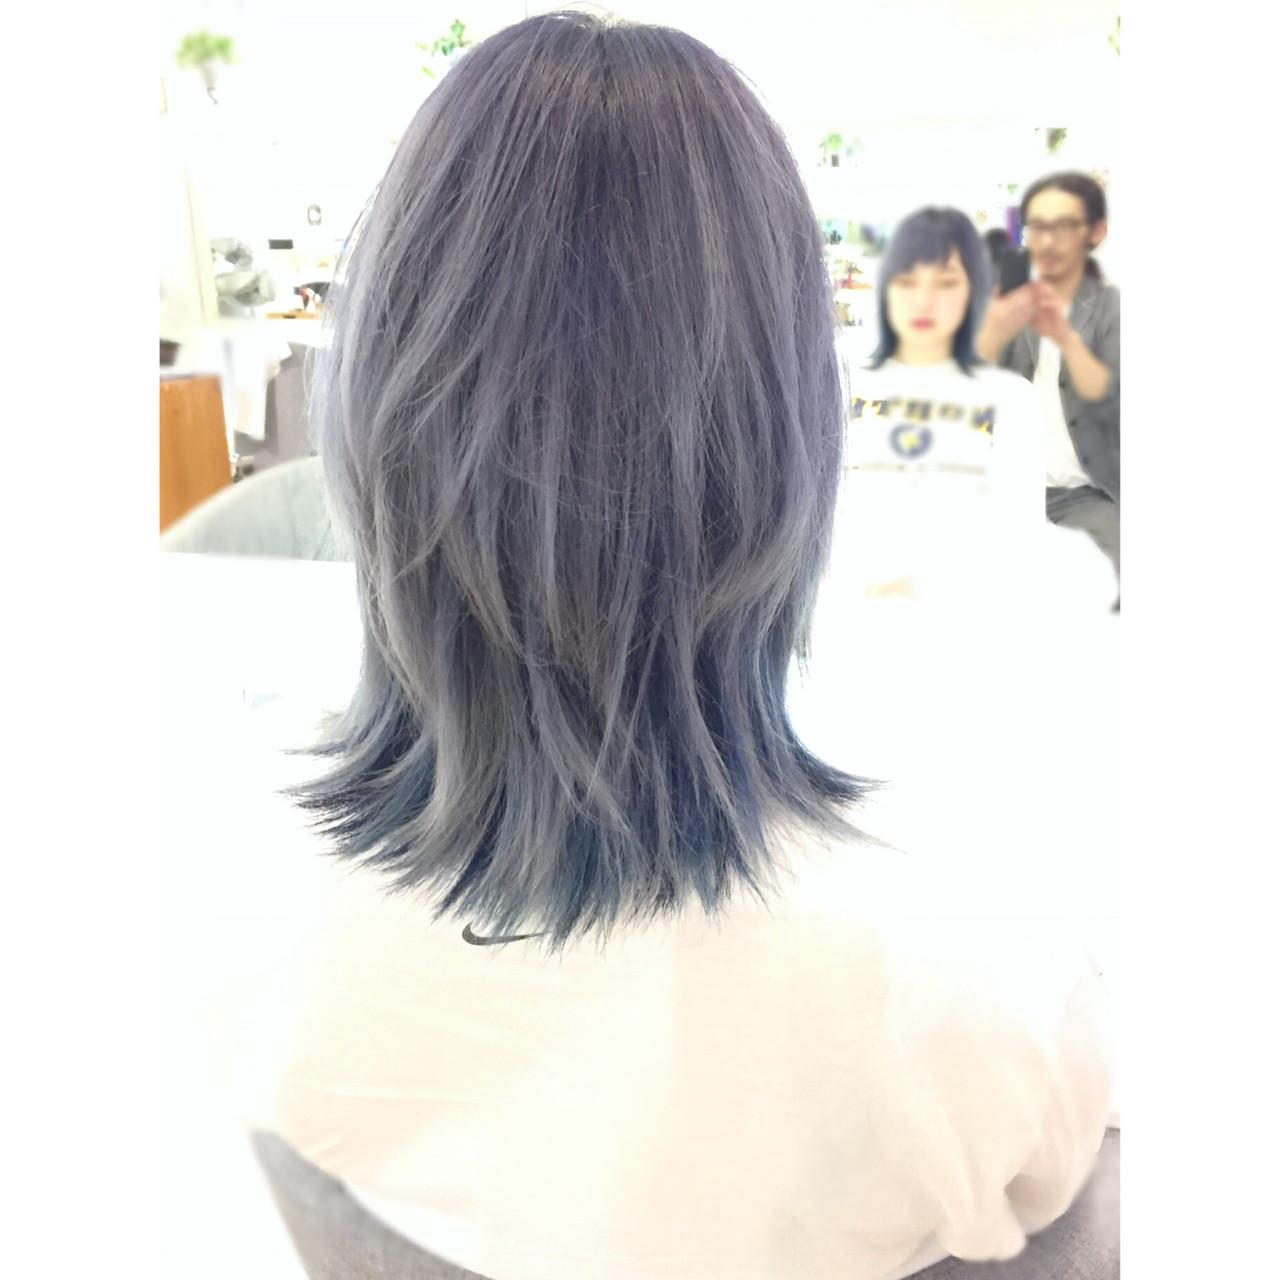 グレー 外国人風カラー パープル ミディアム ヘアスタイルや髪型の写真・画像